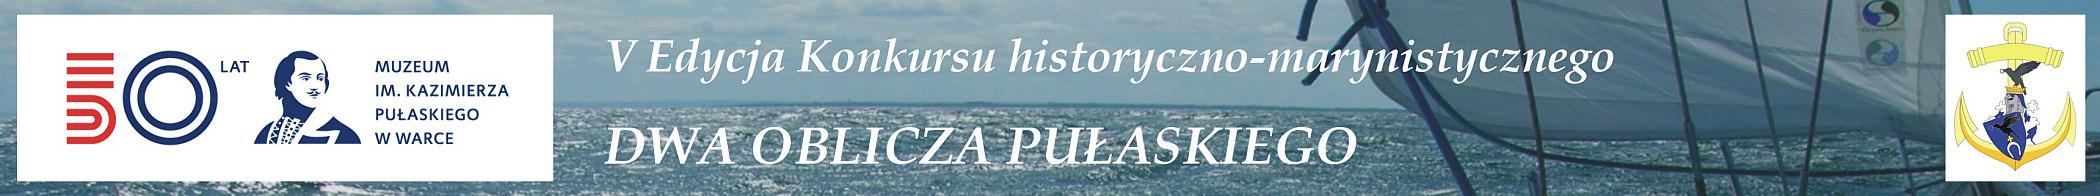 Konkurs historyczno-marynistyczny